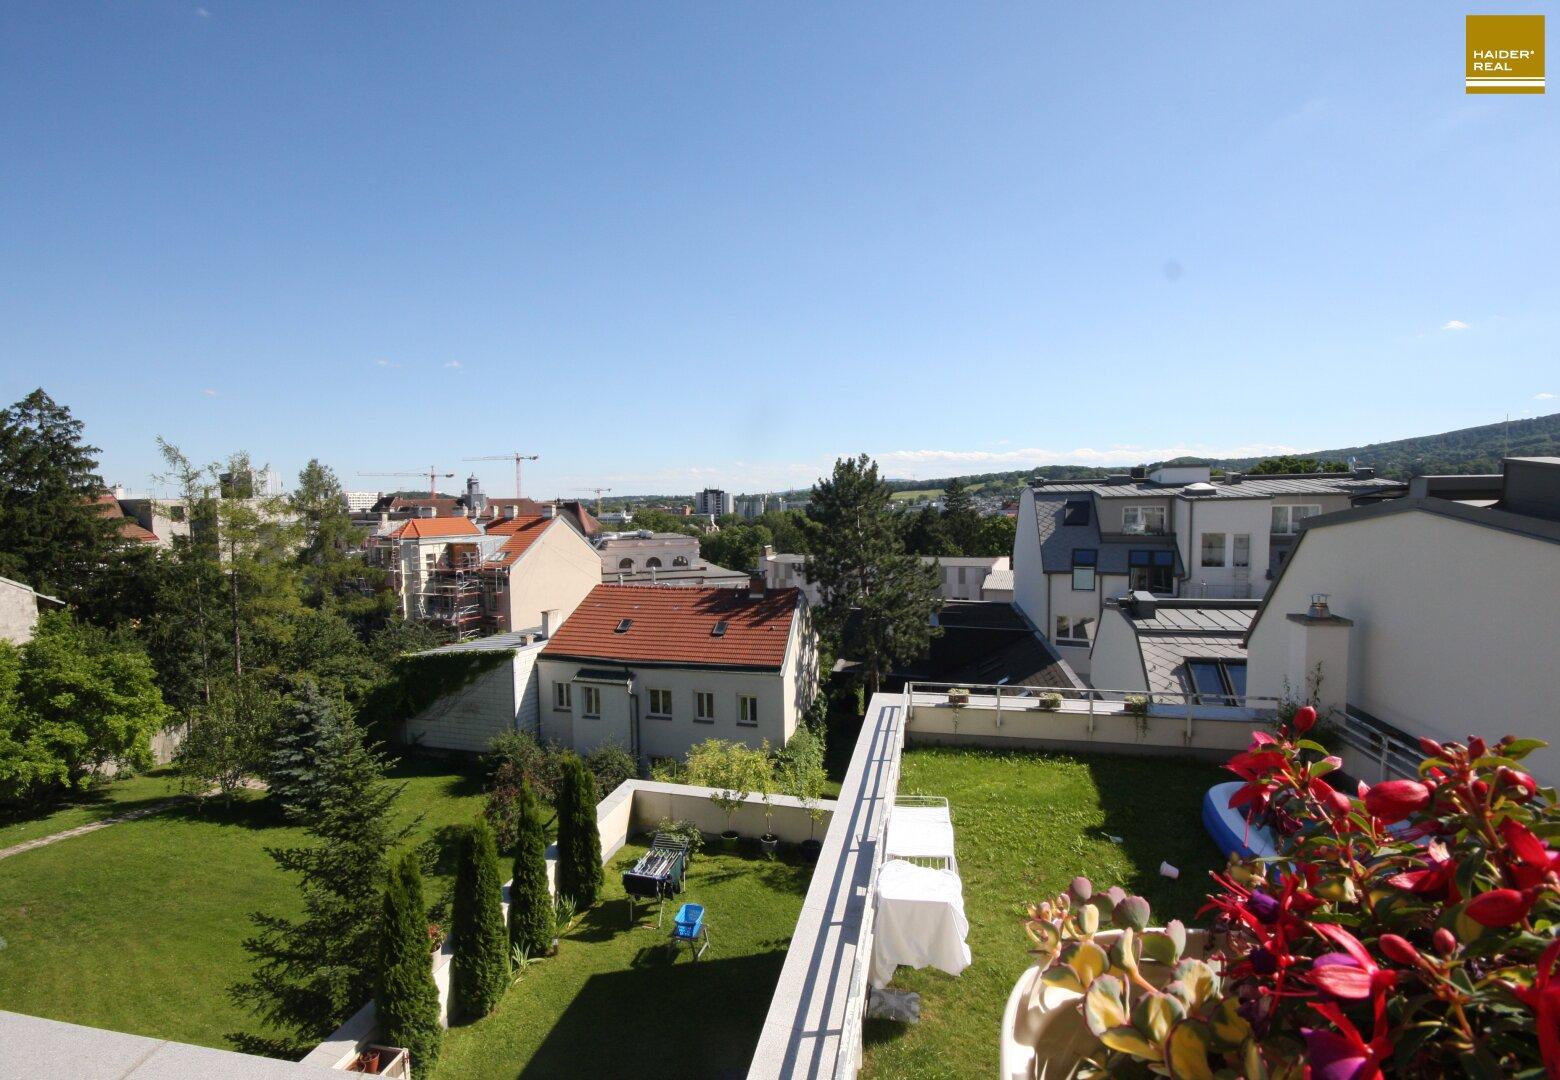 Tolle Aussicht vom Balkon ins Wiental